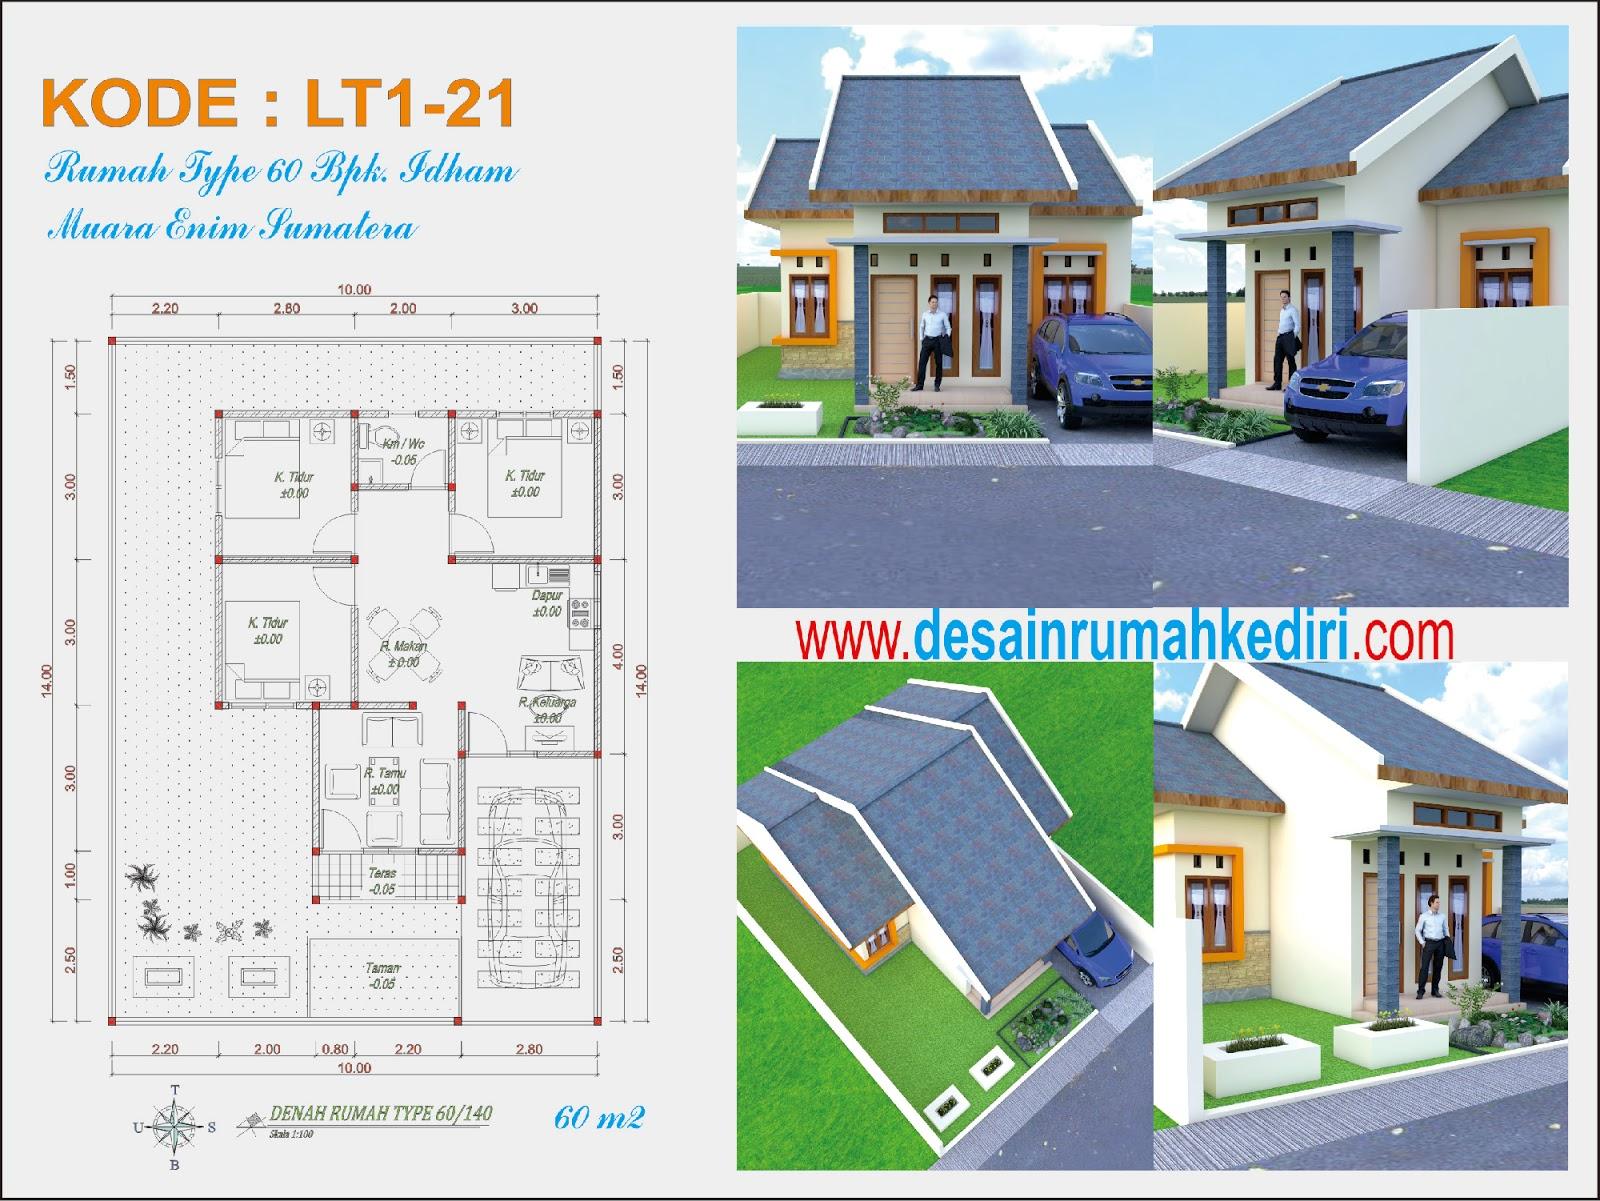 LT1 21 Jasa Desain Rumah Bpk Idham di Muara Enim